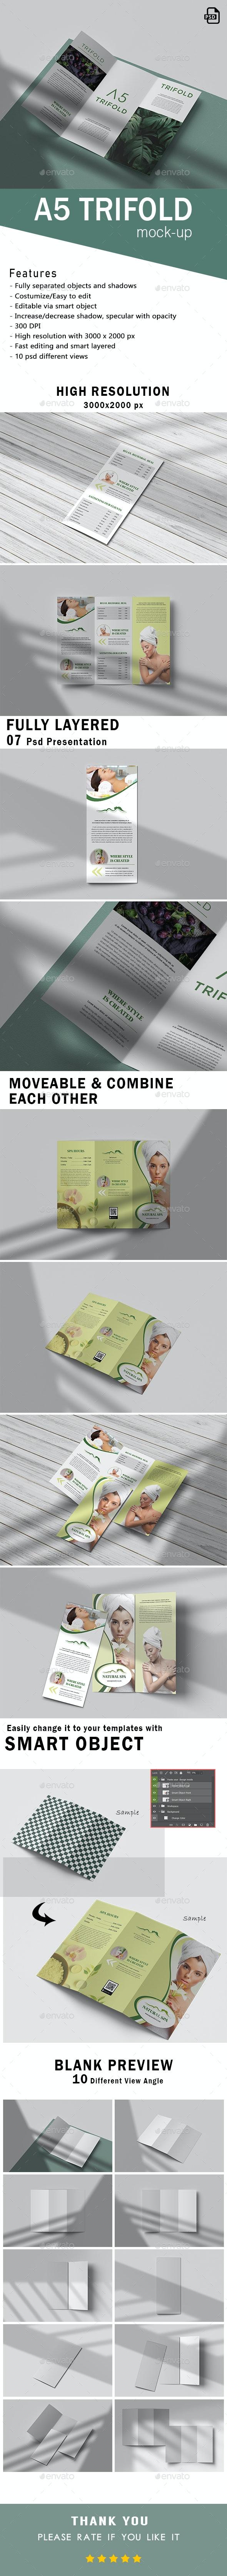 Trifold Brochure Mockups - Brochures Print